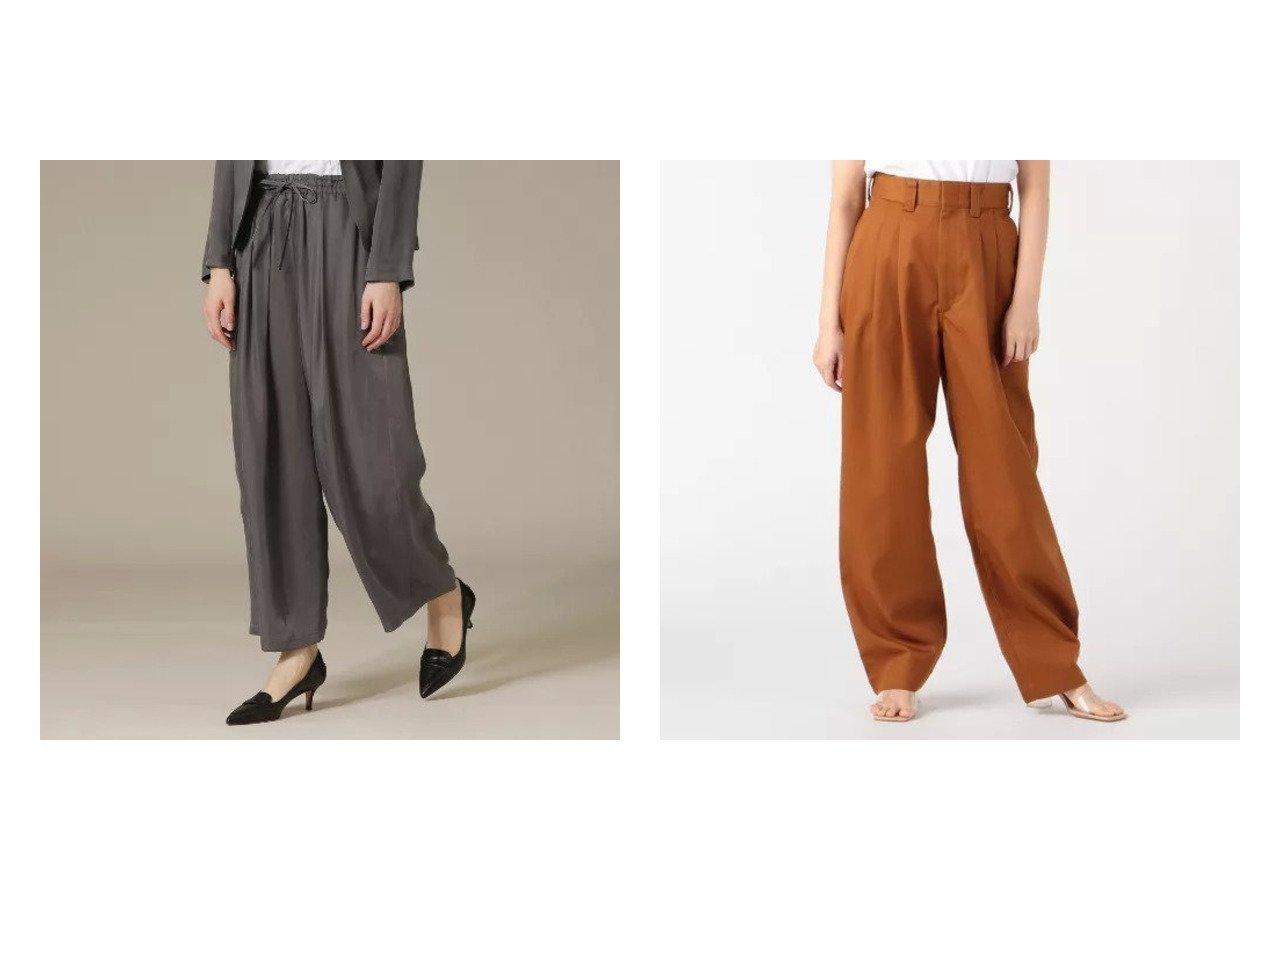 【Shinzone/シンゾーン】のトムボーイ&【MACKINTOSH LONDON/マッキントッシュ ロンドン】のキュプラツイルワイドパンツ 【パンツ】おすすめ!人気、トレンド・レディースファッションの通販 おすすめで人気の流行・トレンド、ファッションの通販商品 インテリア・家具・メンズファッション・キッズファッション・レディースファッション・服の通販 founy(ファニー) https://founy.com/ ファッション Fashion レディースファッション WOMEN パンツ Pants 洗える 秋 Autumn/Fall ウォッシャブル ドレープ ラグジュアリー リラックス ワイド 夏 Summer 春 Spring |ID:crp329100000053318